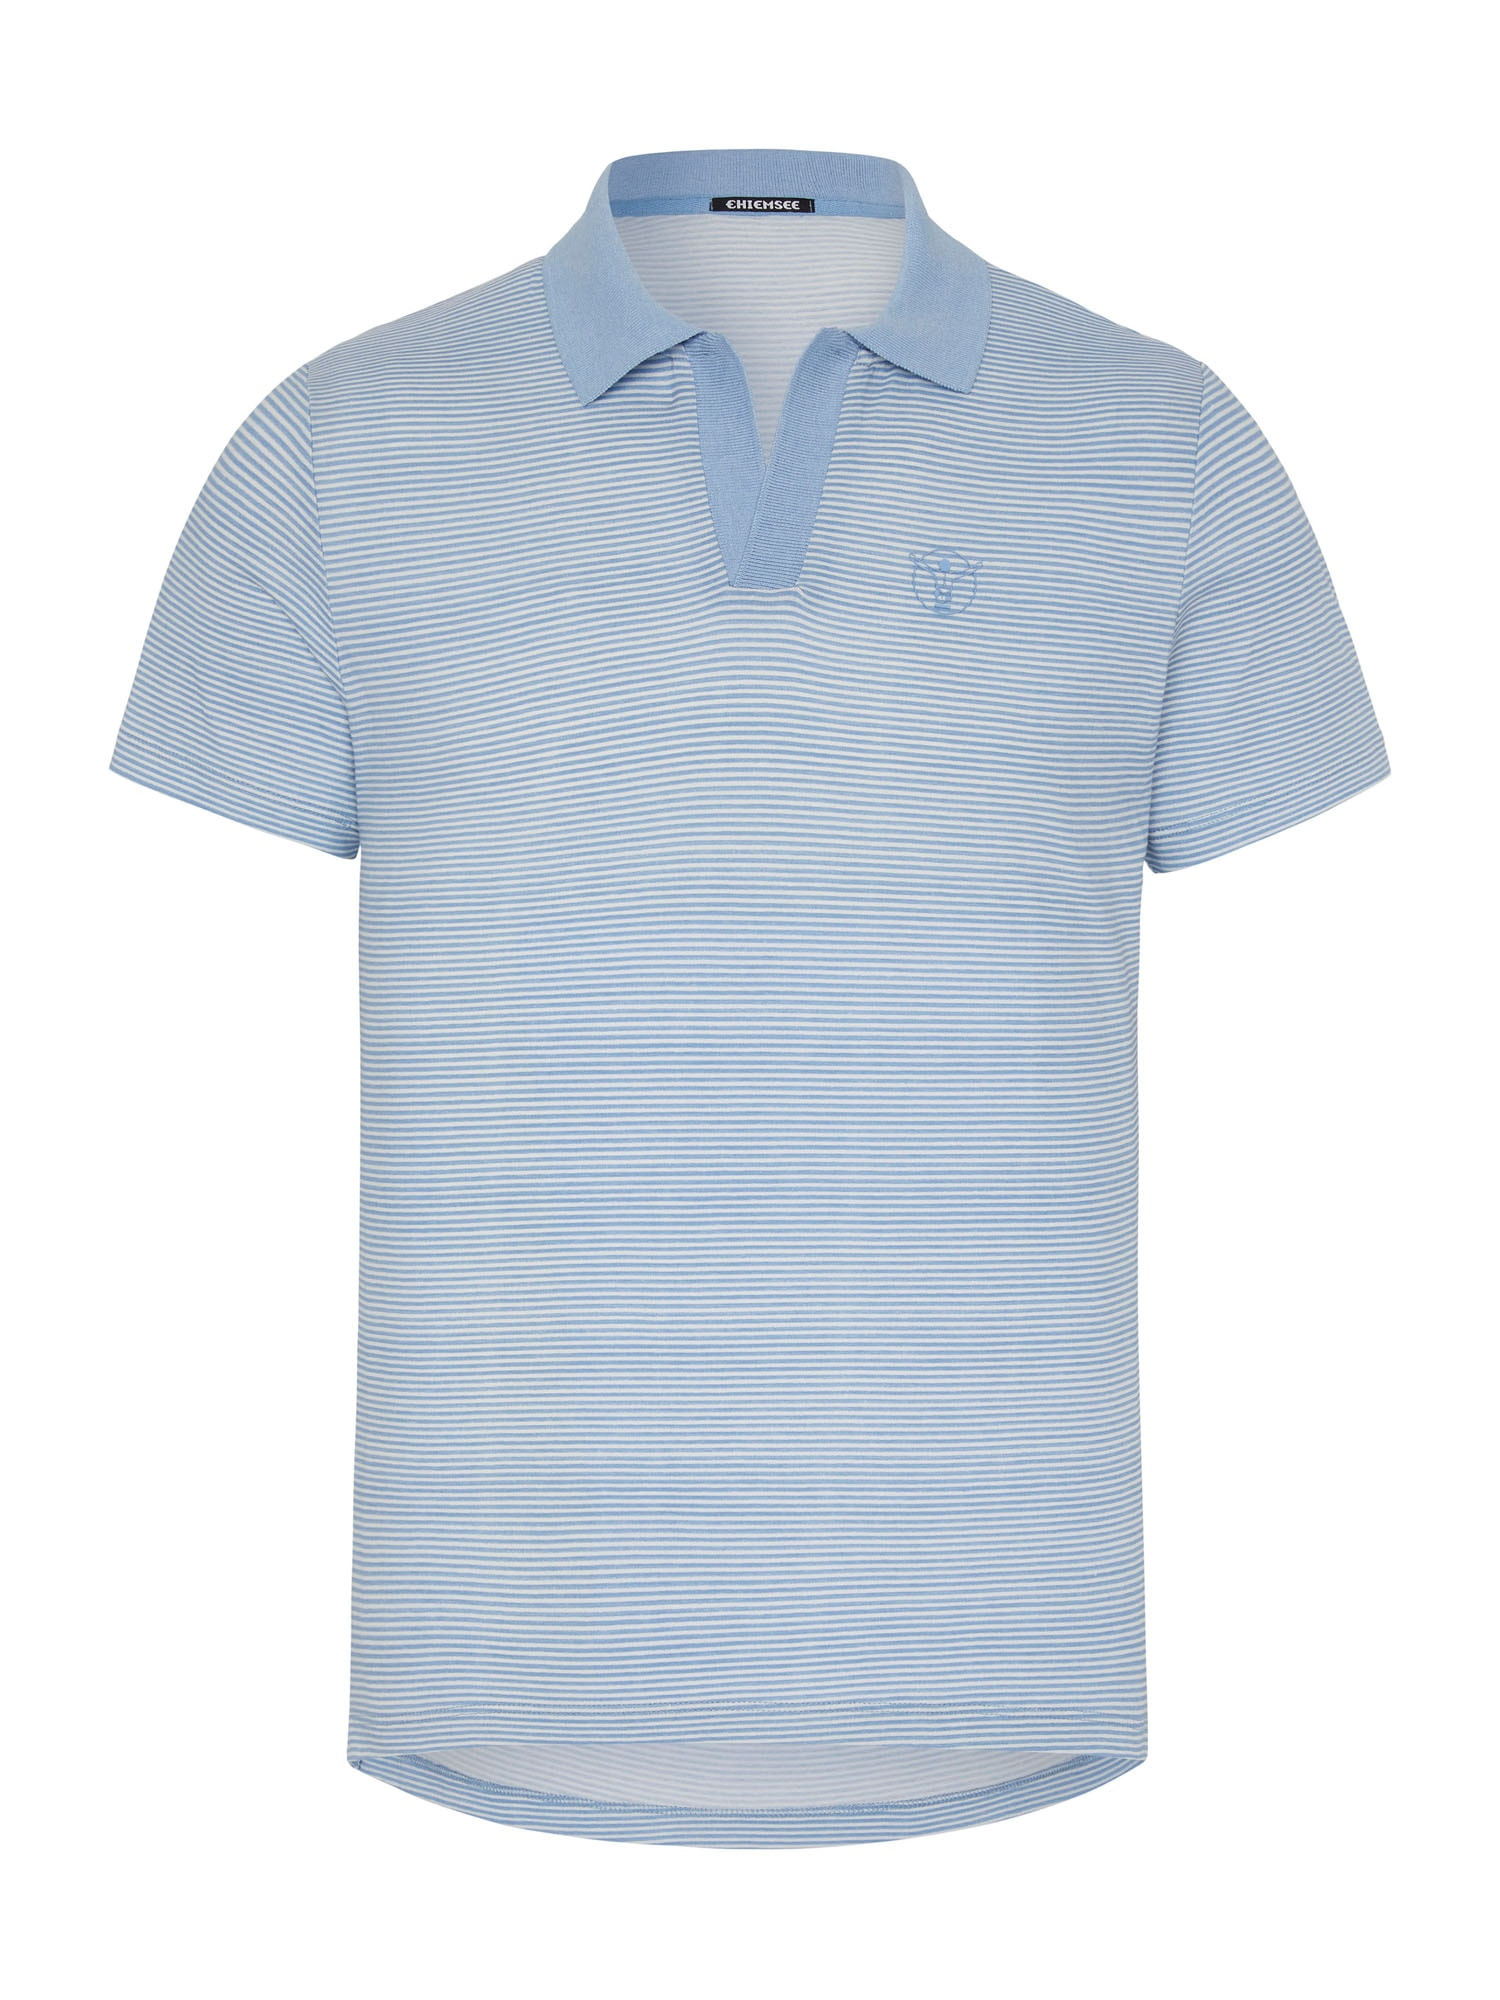 CHIEMSEE Marškinėliai balta / šviesiai mėlyna